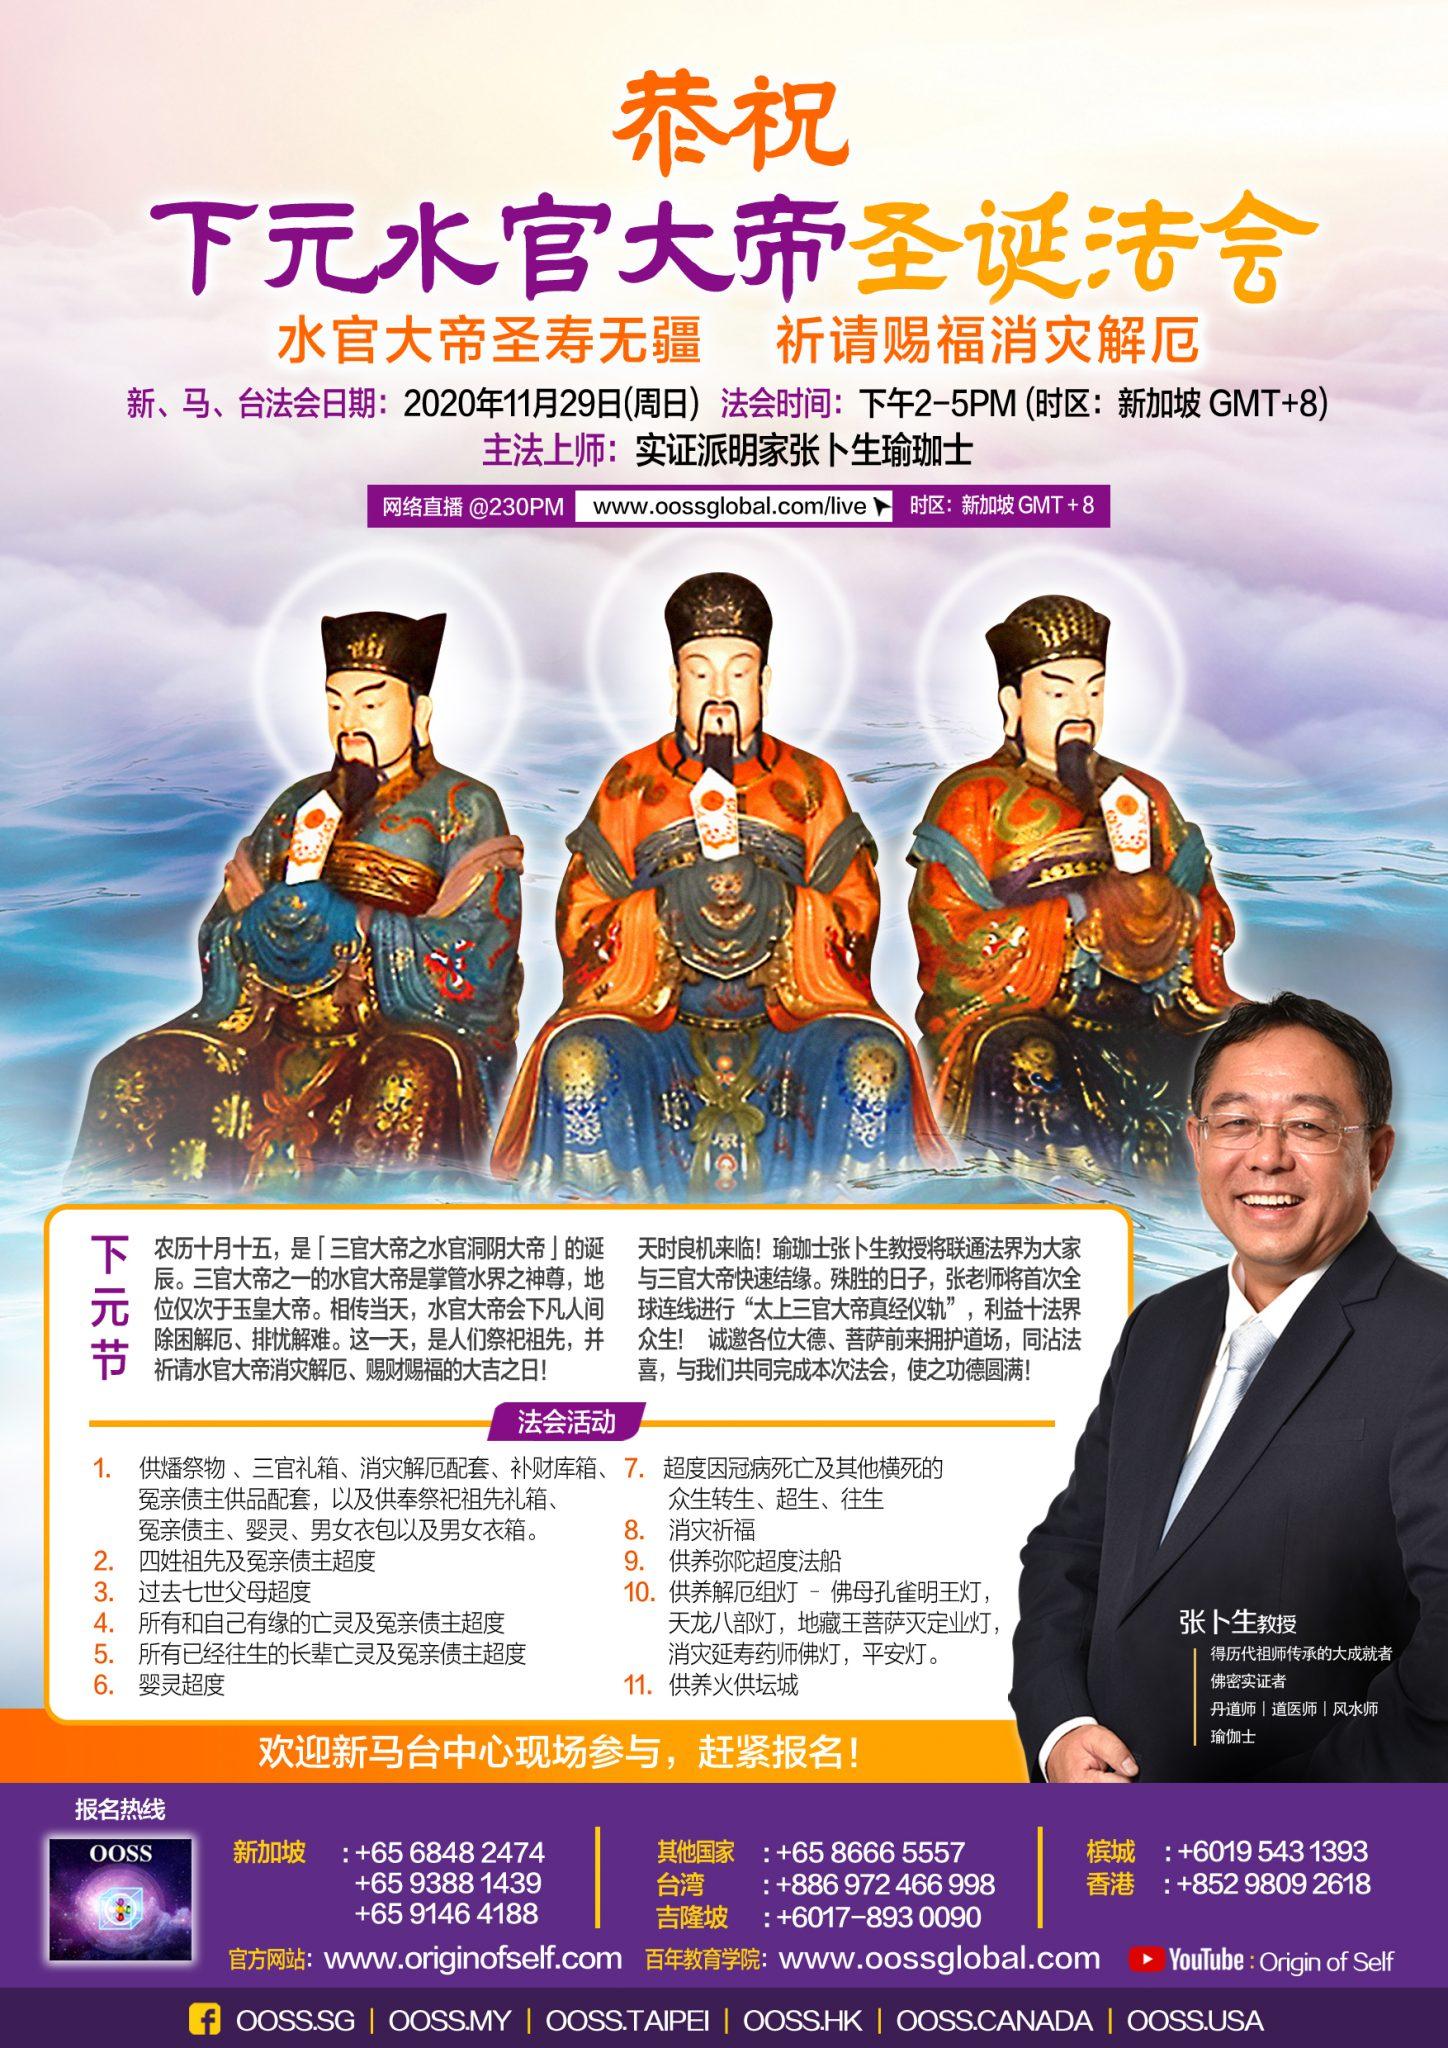 2020年11月29日-恭祝下元水官大帝聖誕法會